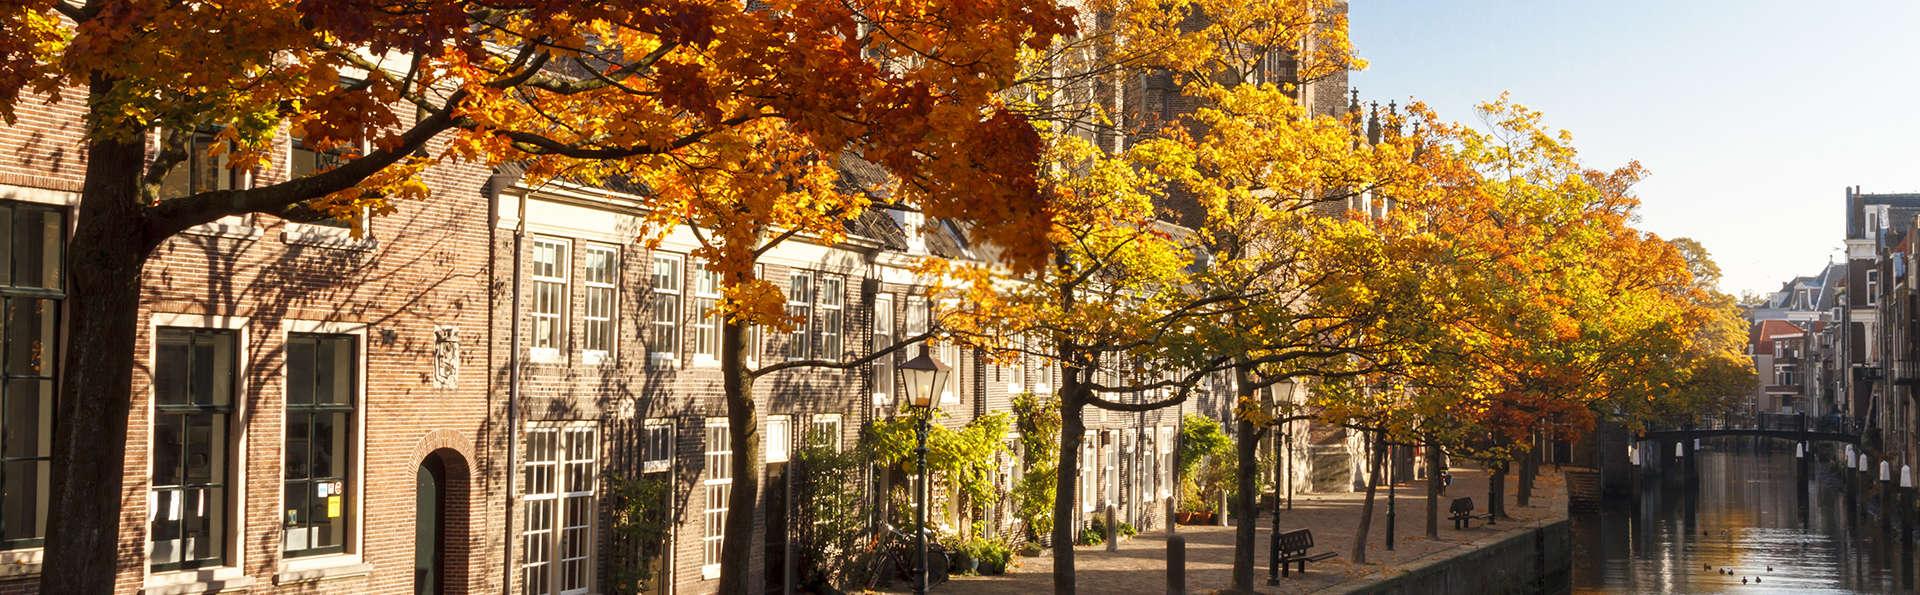 Tombez sous le charme de la ville historique de Dordrecht